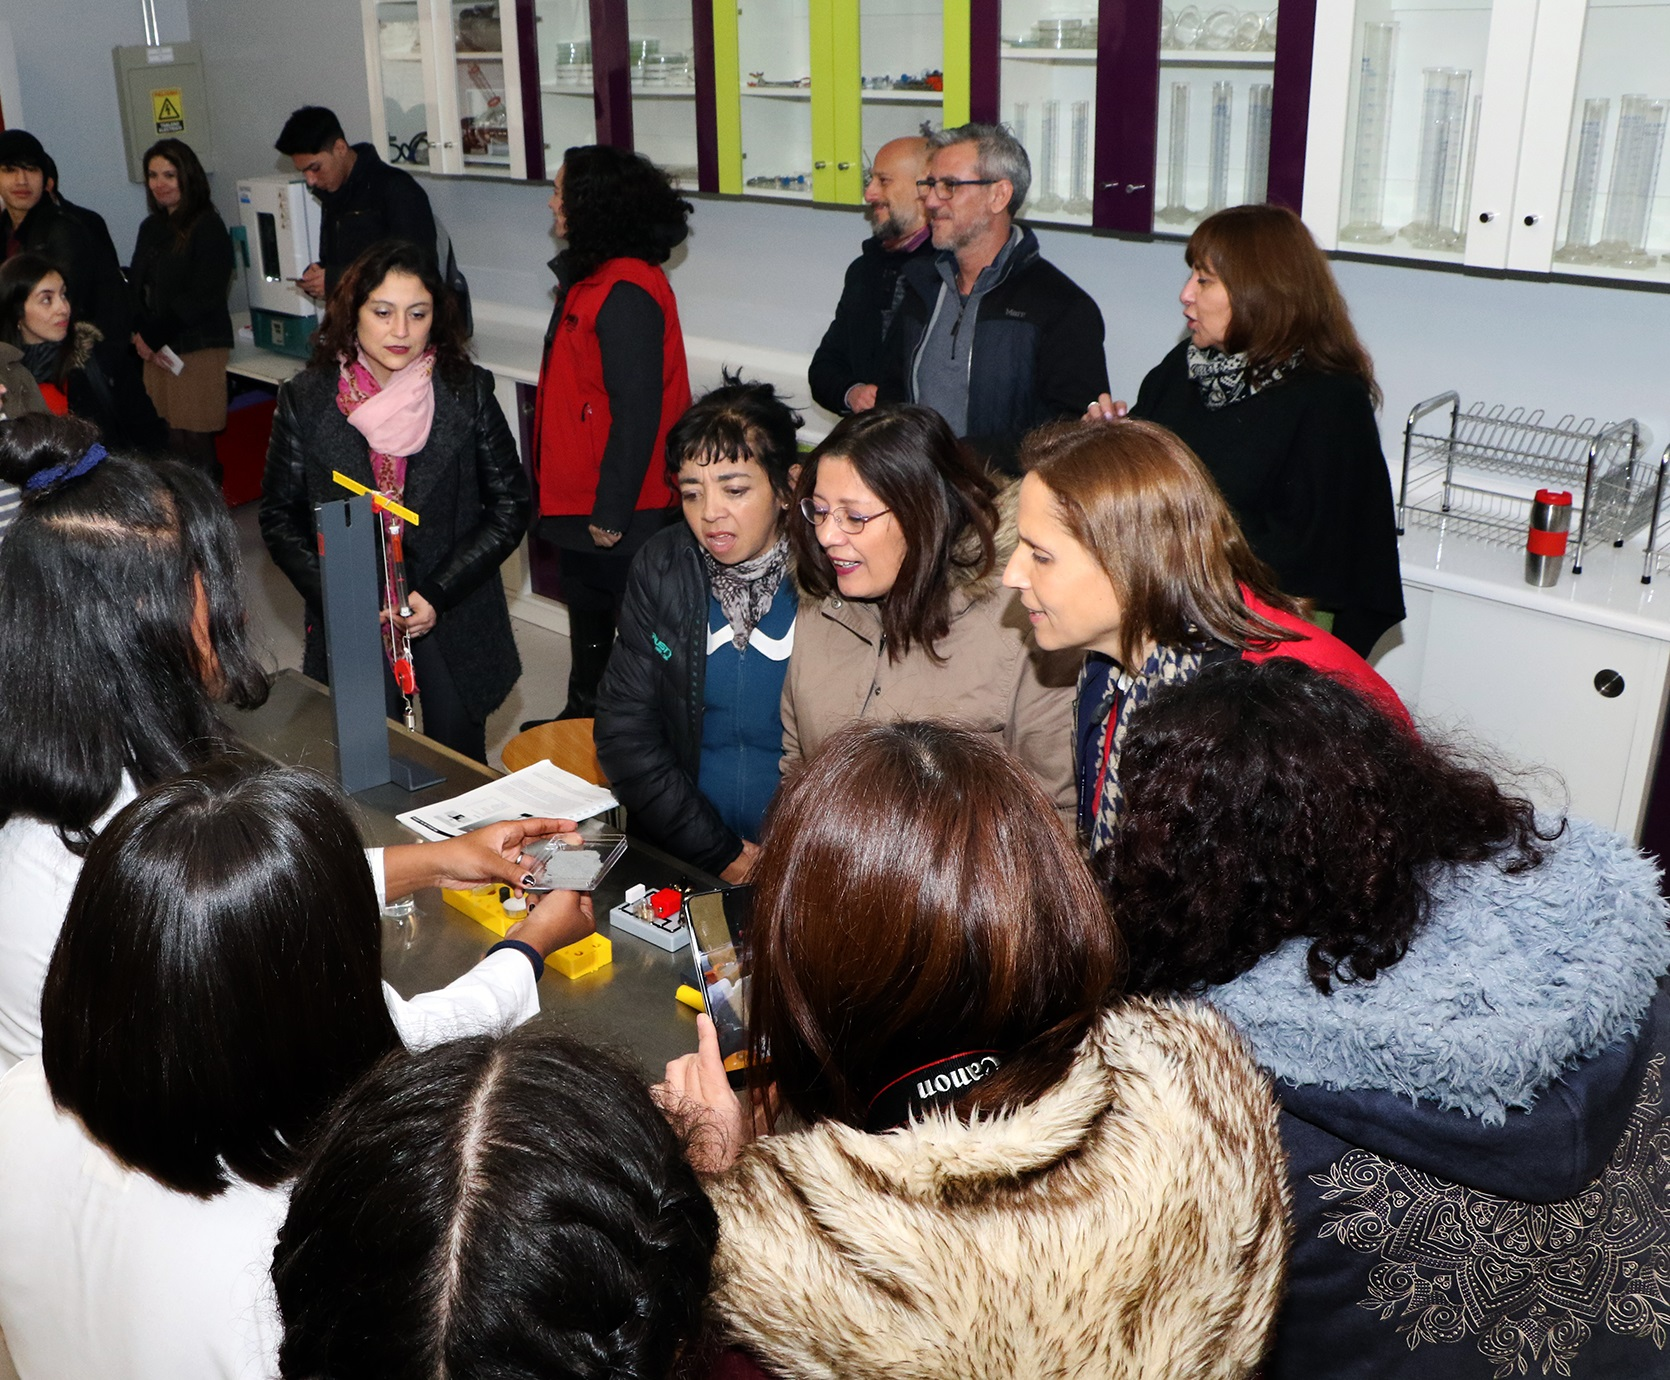 Laboratorio-de-Ciencias-Liceo-Antonio-Hermida-Fabres-09